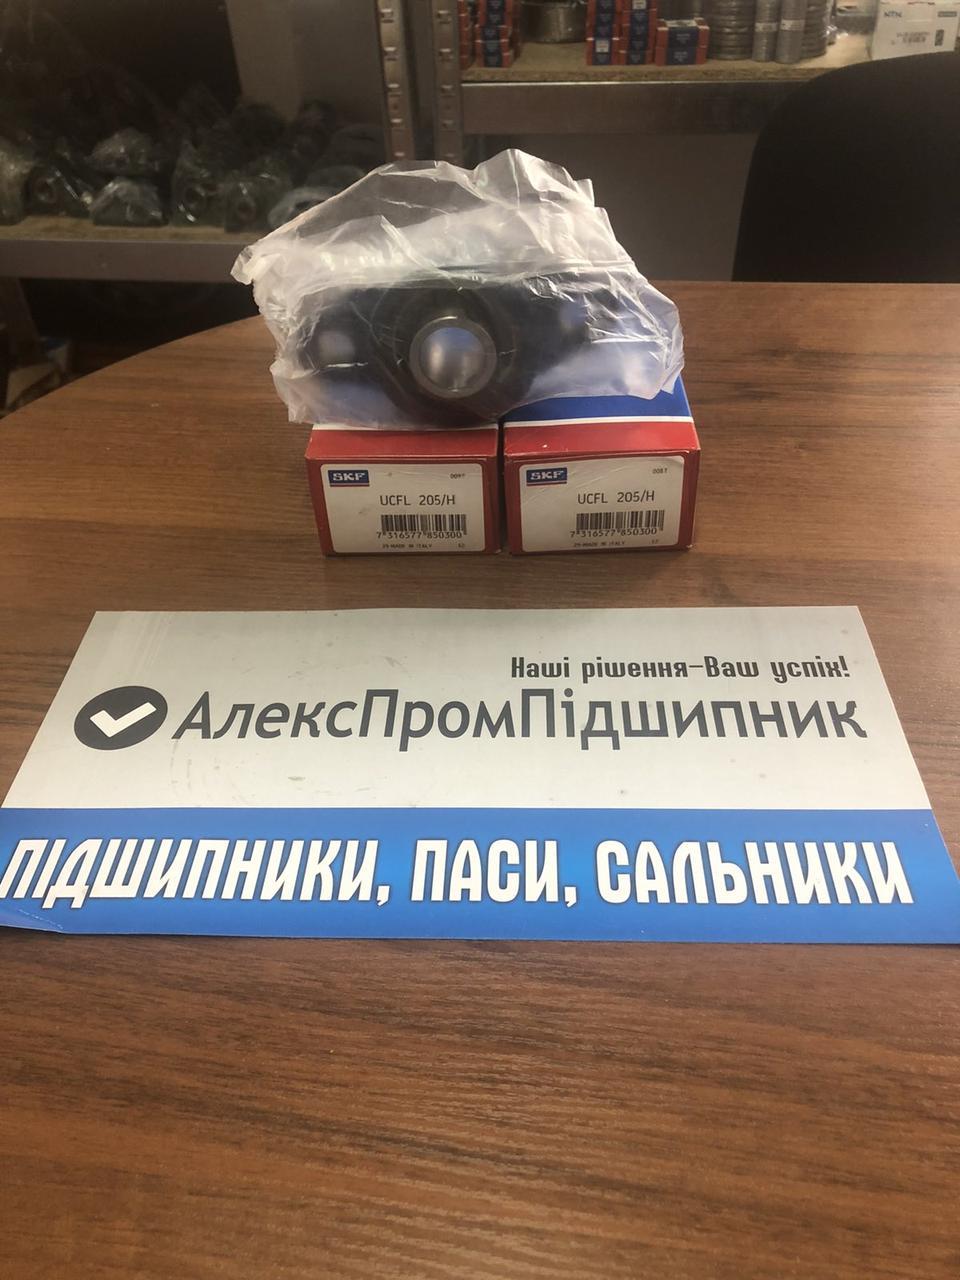 Подшипник UCFL 205/Н SKF продам выгодно премиум качество